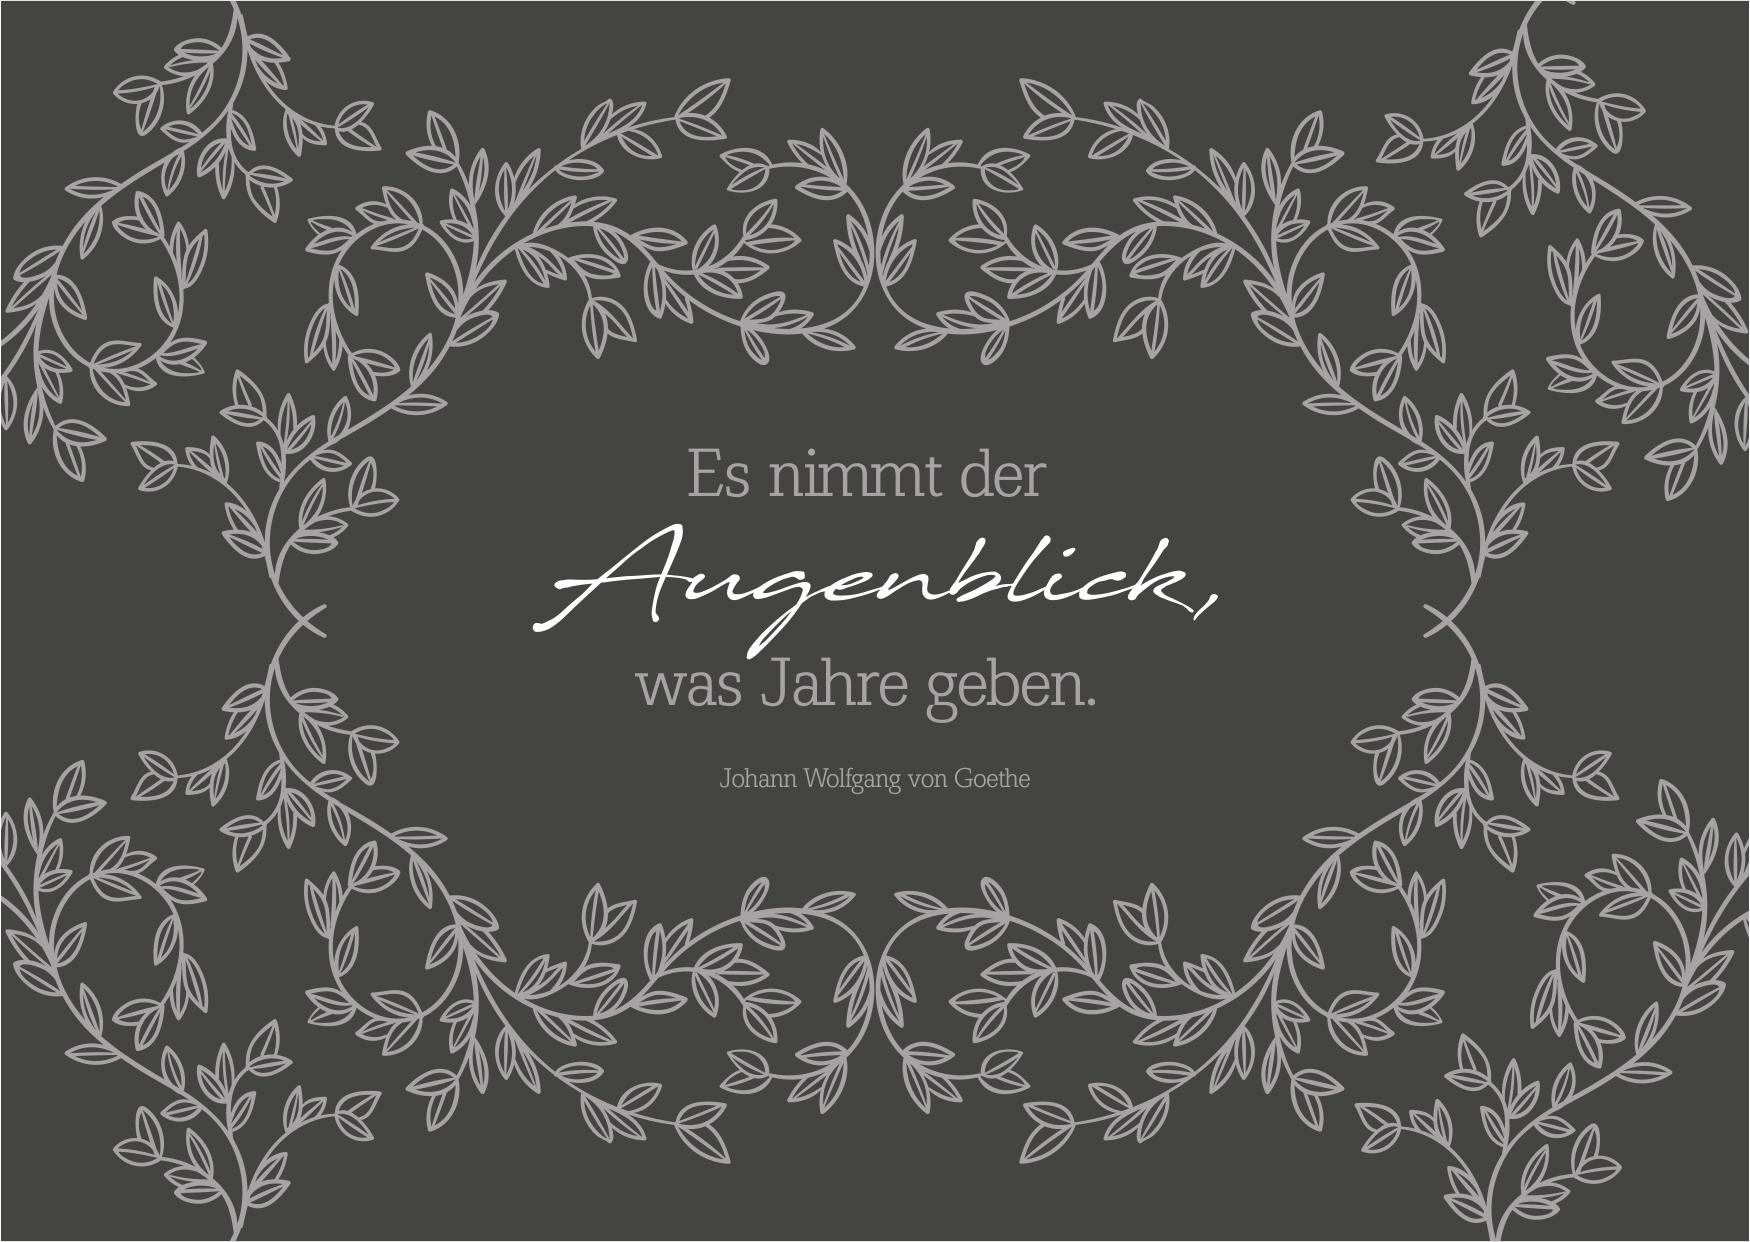 Trauerkarte mit Trauerspruch oder Beileidsspruch von Goethe - Kostenlose Kondolenzkarte zum Abschied versenden